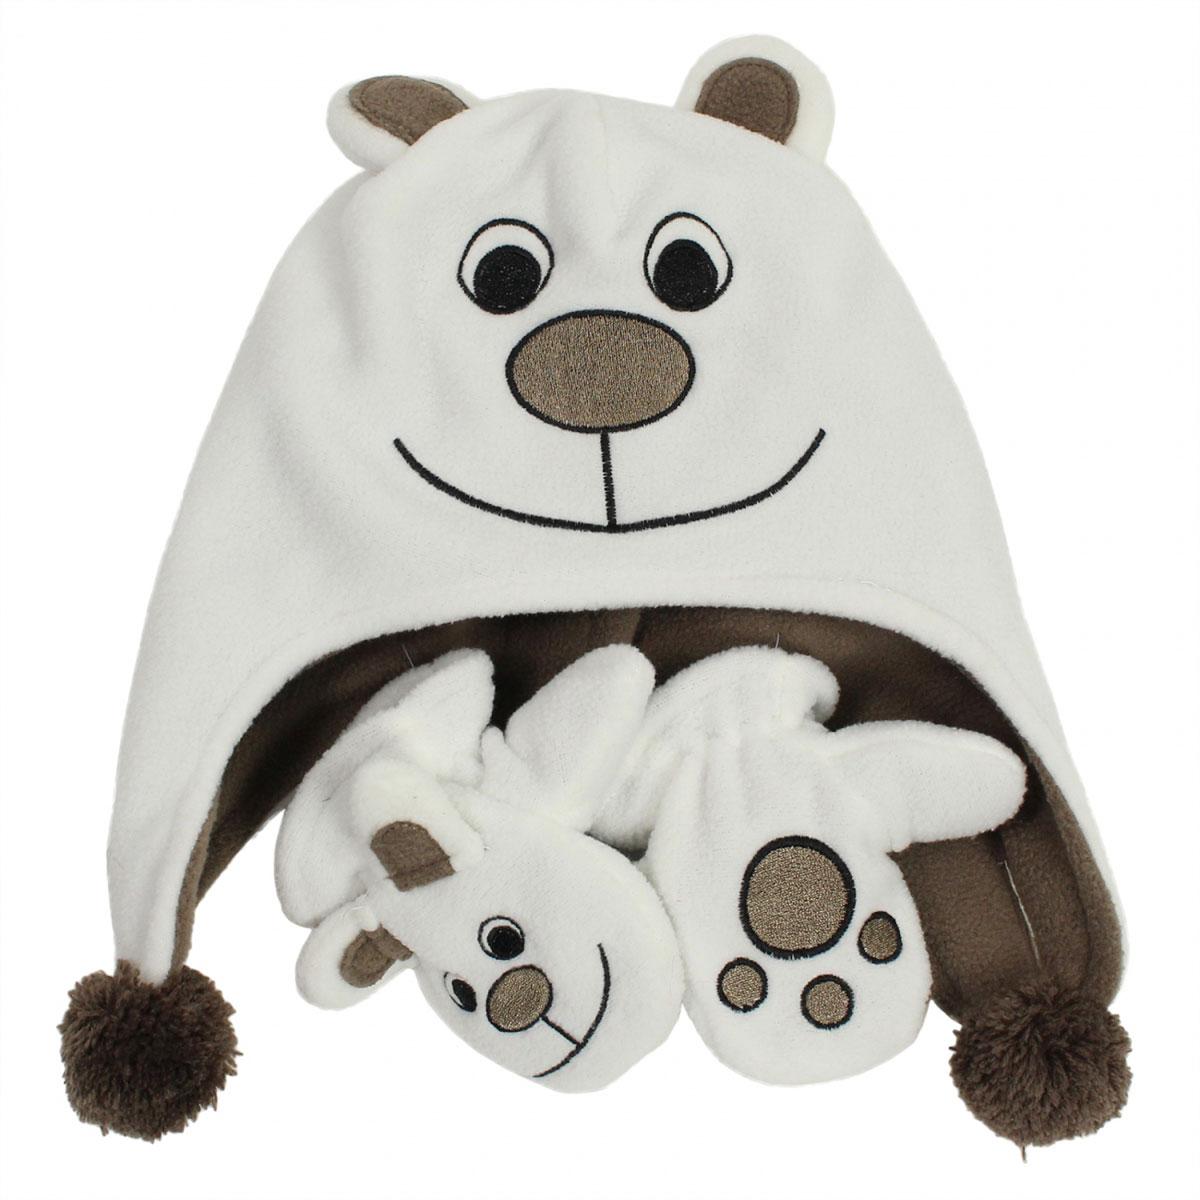 Комплект аксессуаров8819AS14-010Веселый комплект для малышей Huppa Bruno, состоящий из шапки и варежек, выполнен из флиса. Флисовая шапочка в виде медвежонка дополнена двумя помпонами, вышивкой и ушками. Варежки имеют аналогичный шапке дизайн. Уважаемые клиенты! Обращаем ваше внимание на тот факт, что размер шапки доступный для заказа, является обхватом головы.